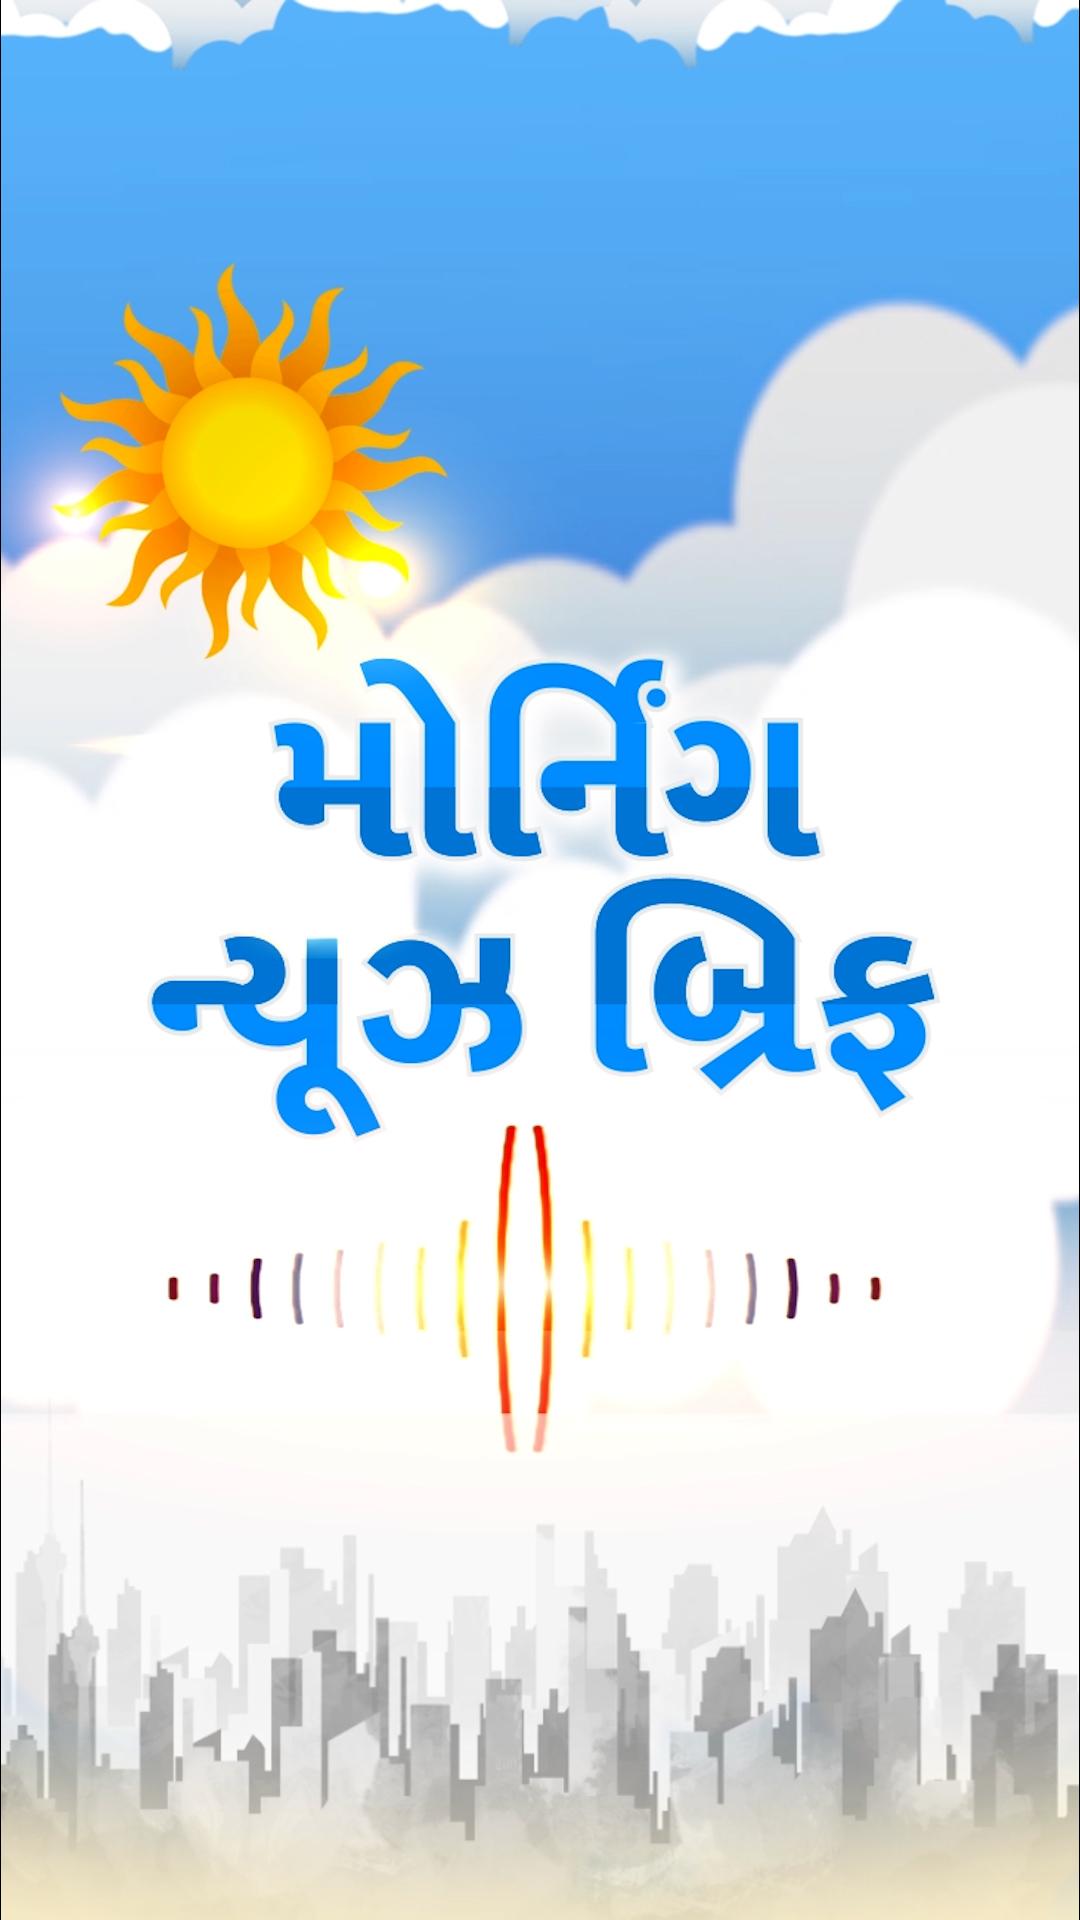 એક વોર્ડ એક બેઠક મામલે સુપ્રીમ કોર્ટ ચુકાદો આપશે, અમદાવાદ-કચ્છ હાઇવે પર એસ.ટી.બસ-કાર વચ્ચેના અકસ્માતમાં 4 યુવાનનાં મોત અમદાવાદ,Ahmedabad - Divya Bhaskar